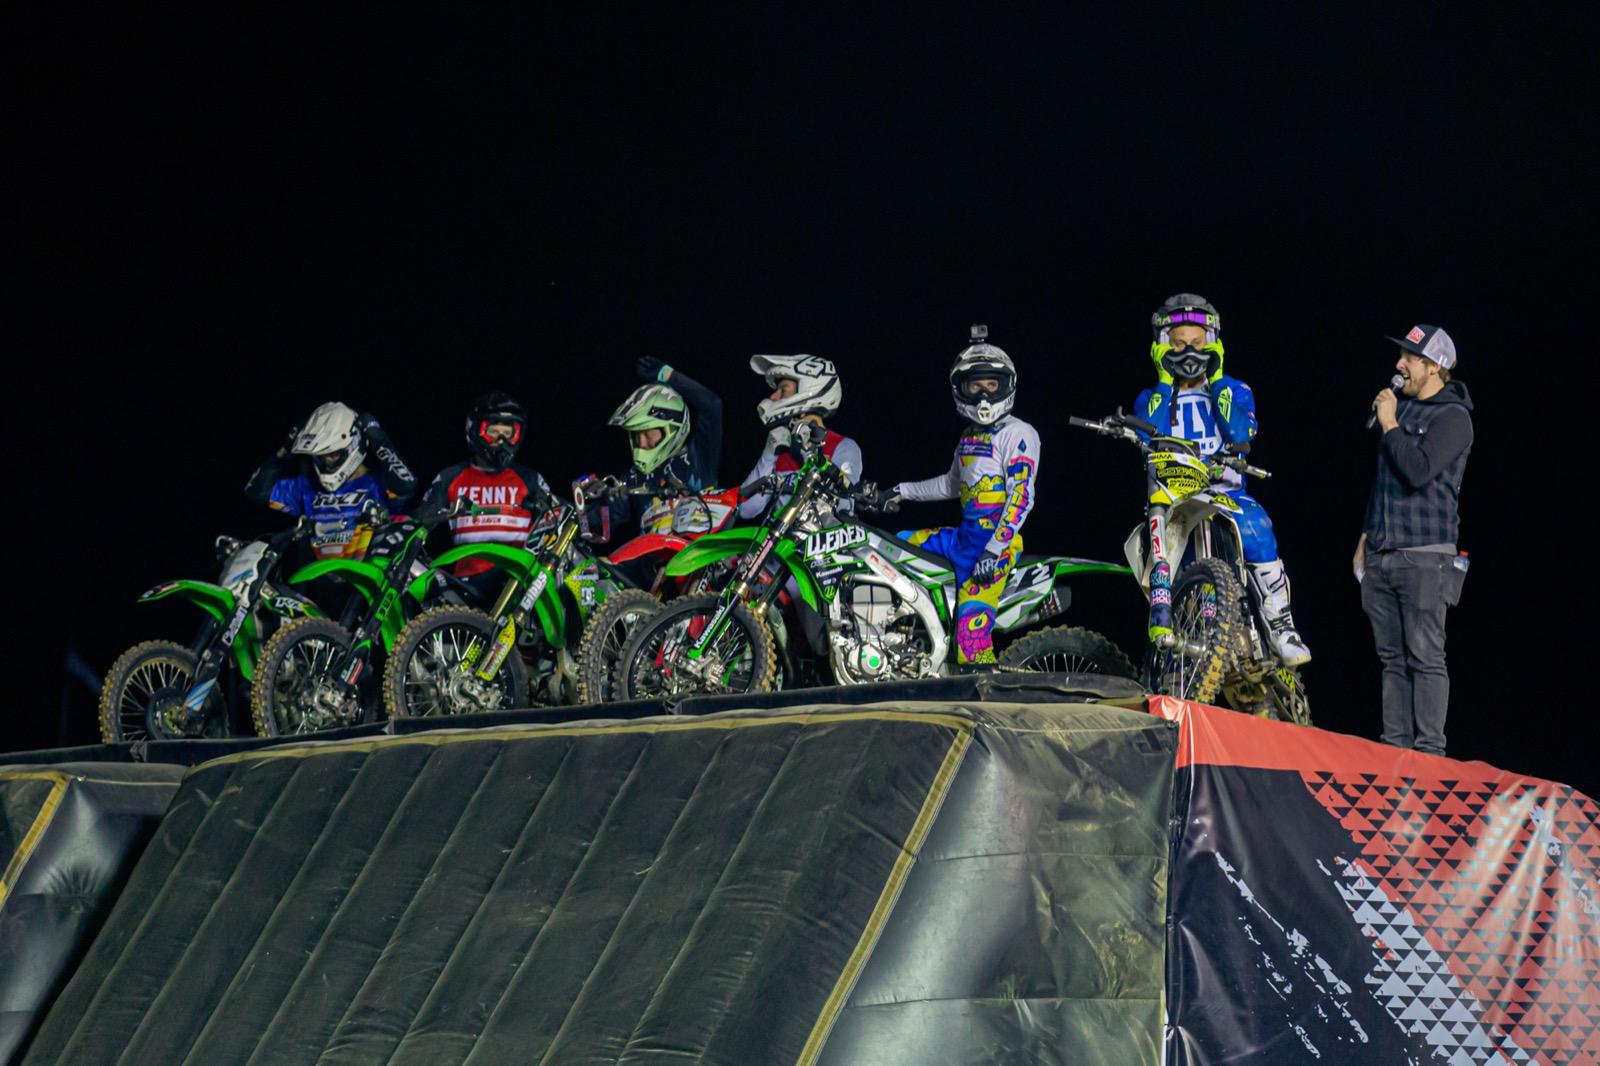 18. Dezember 2019 – 3. Januar 2020 Extreme Sports Festival Abu Dhabi Vereinigte Arabische Emirate